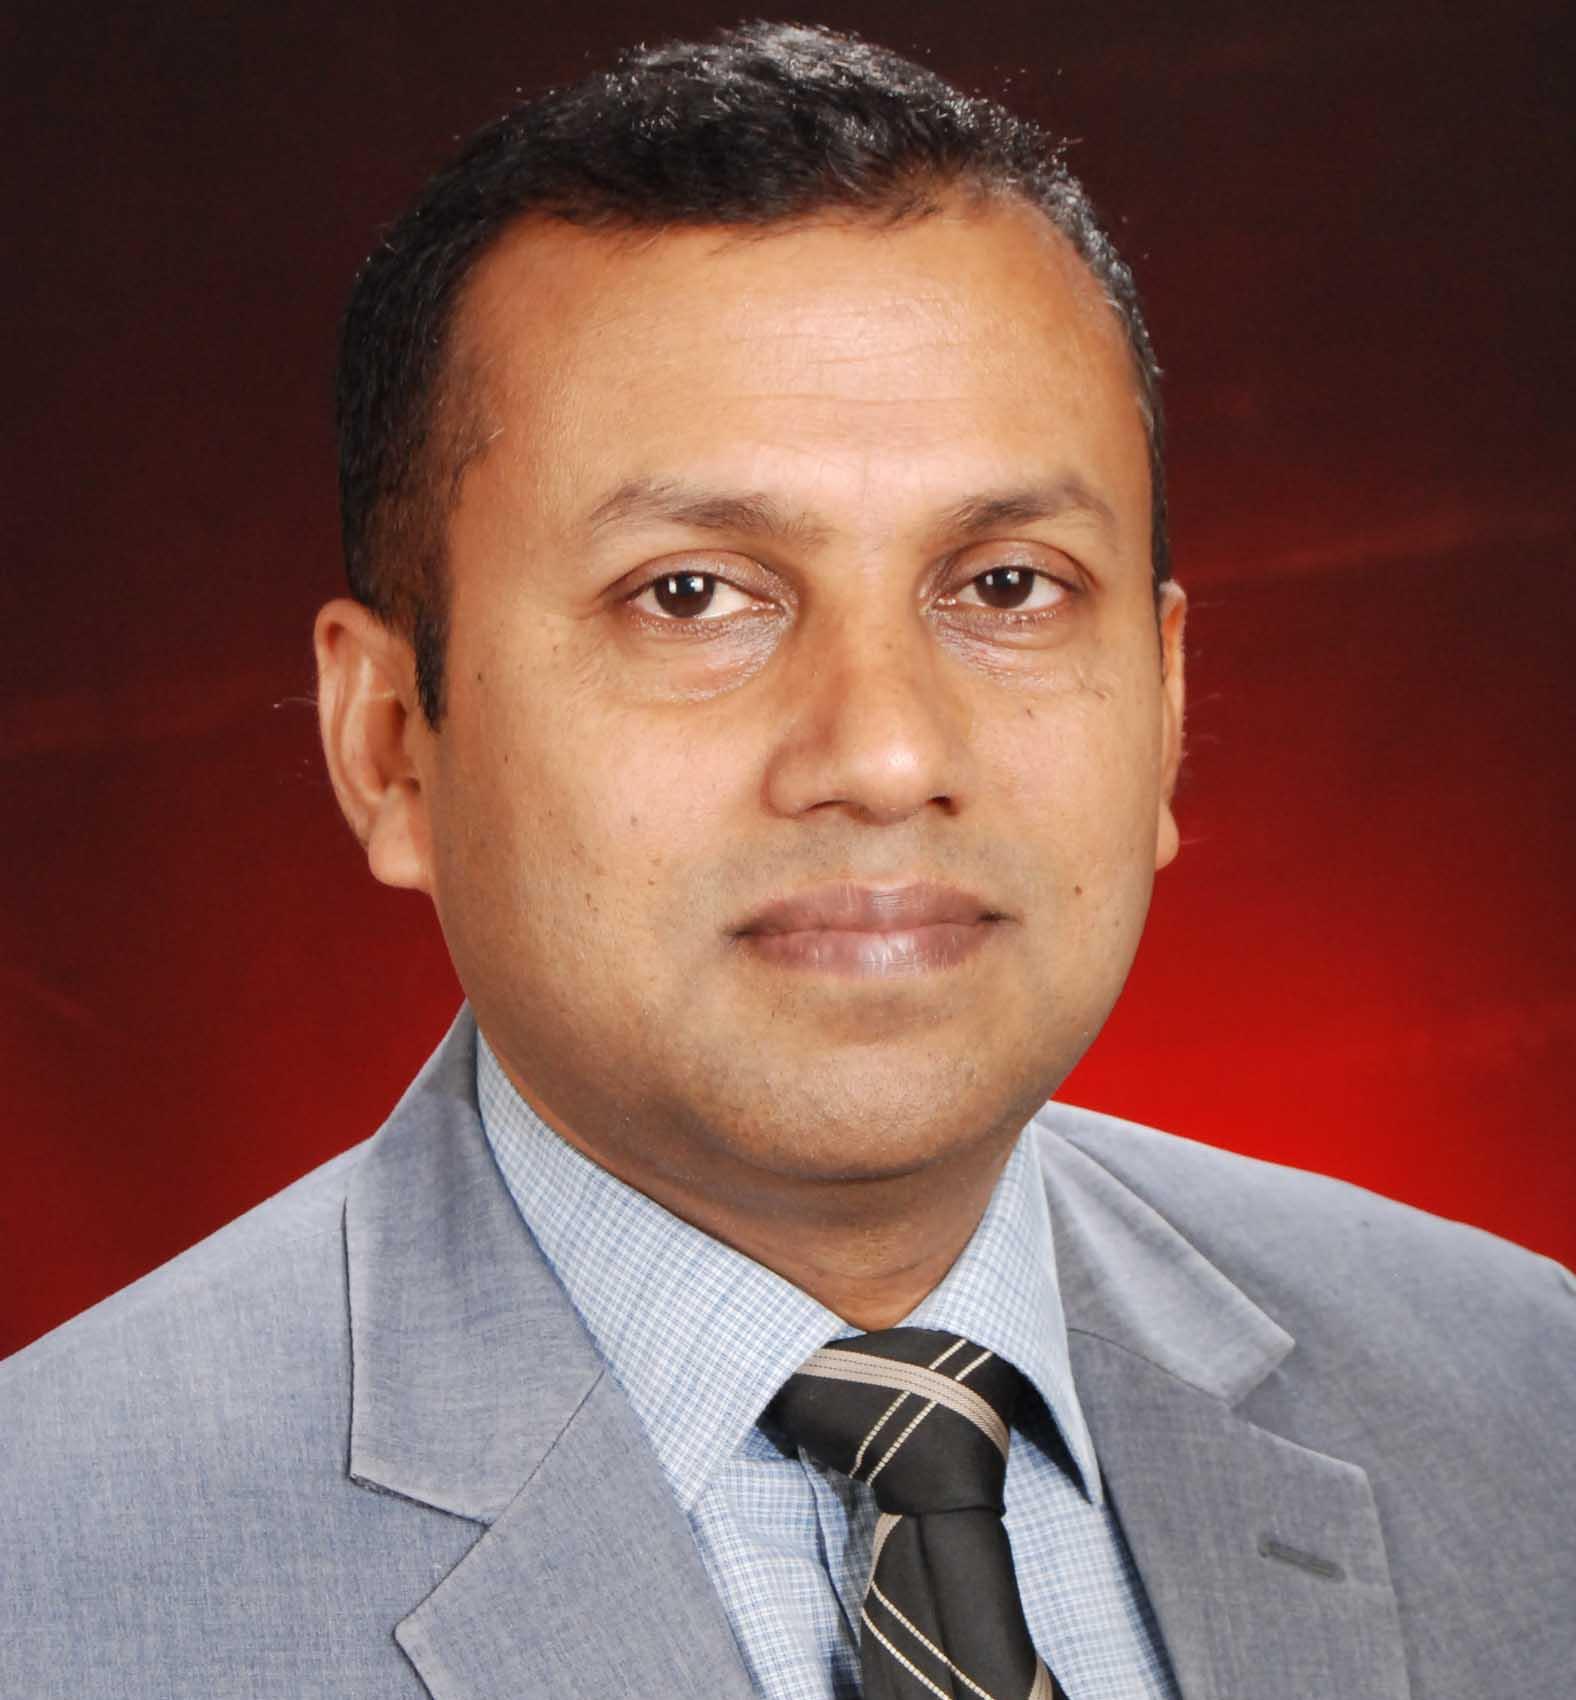 অধ্যাপক ডা. শহীদ উল্লাহ'র পিএইচডি ডিগ্রী লাভ